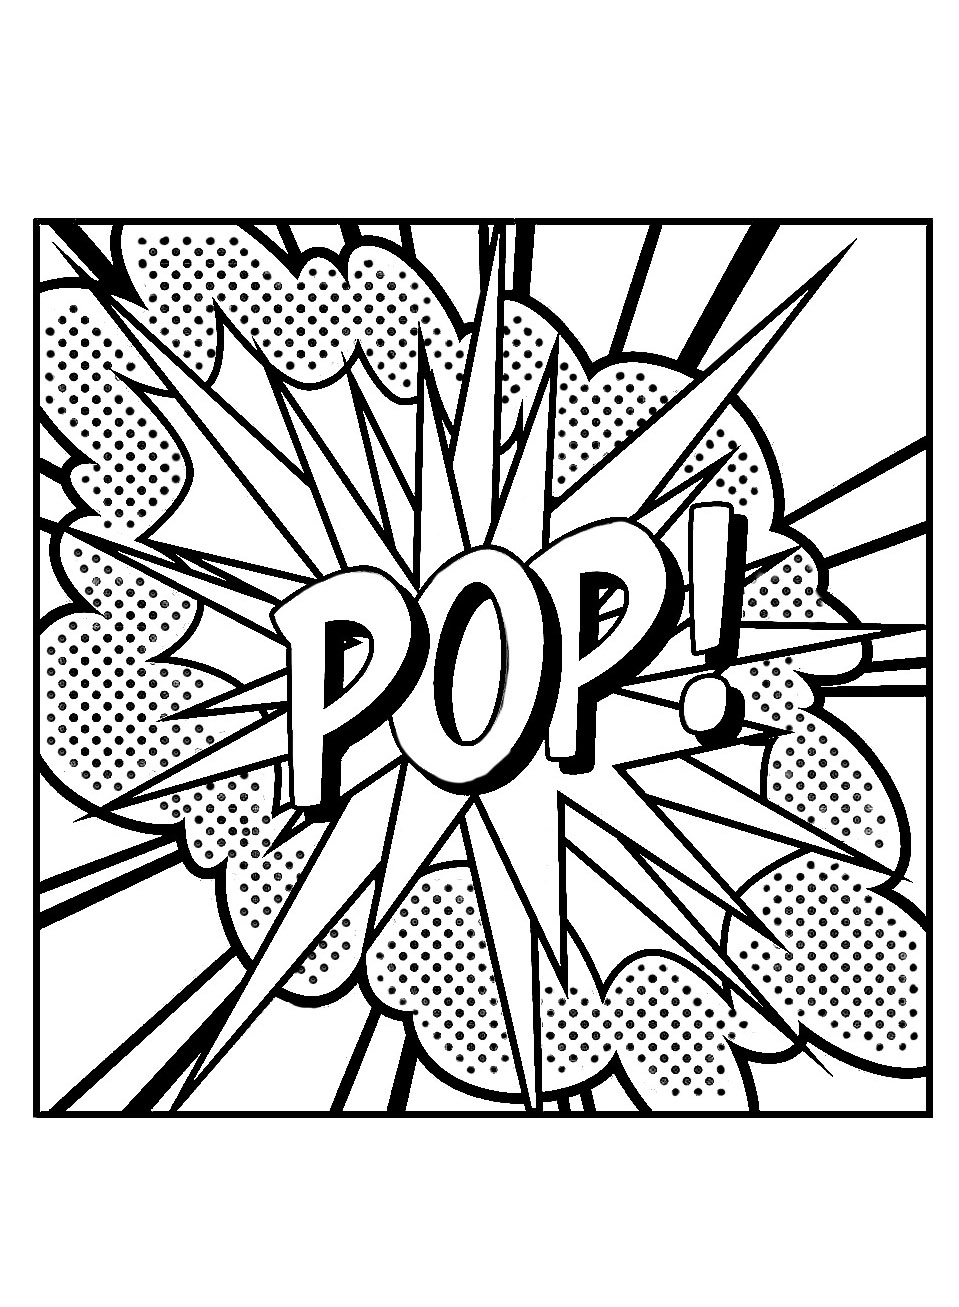 Disegni da colorare per adulti : Pop art - 20